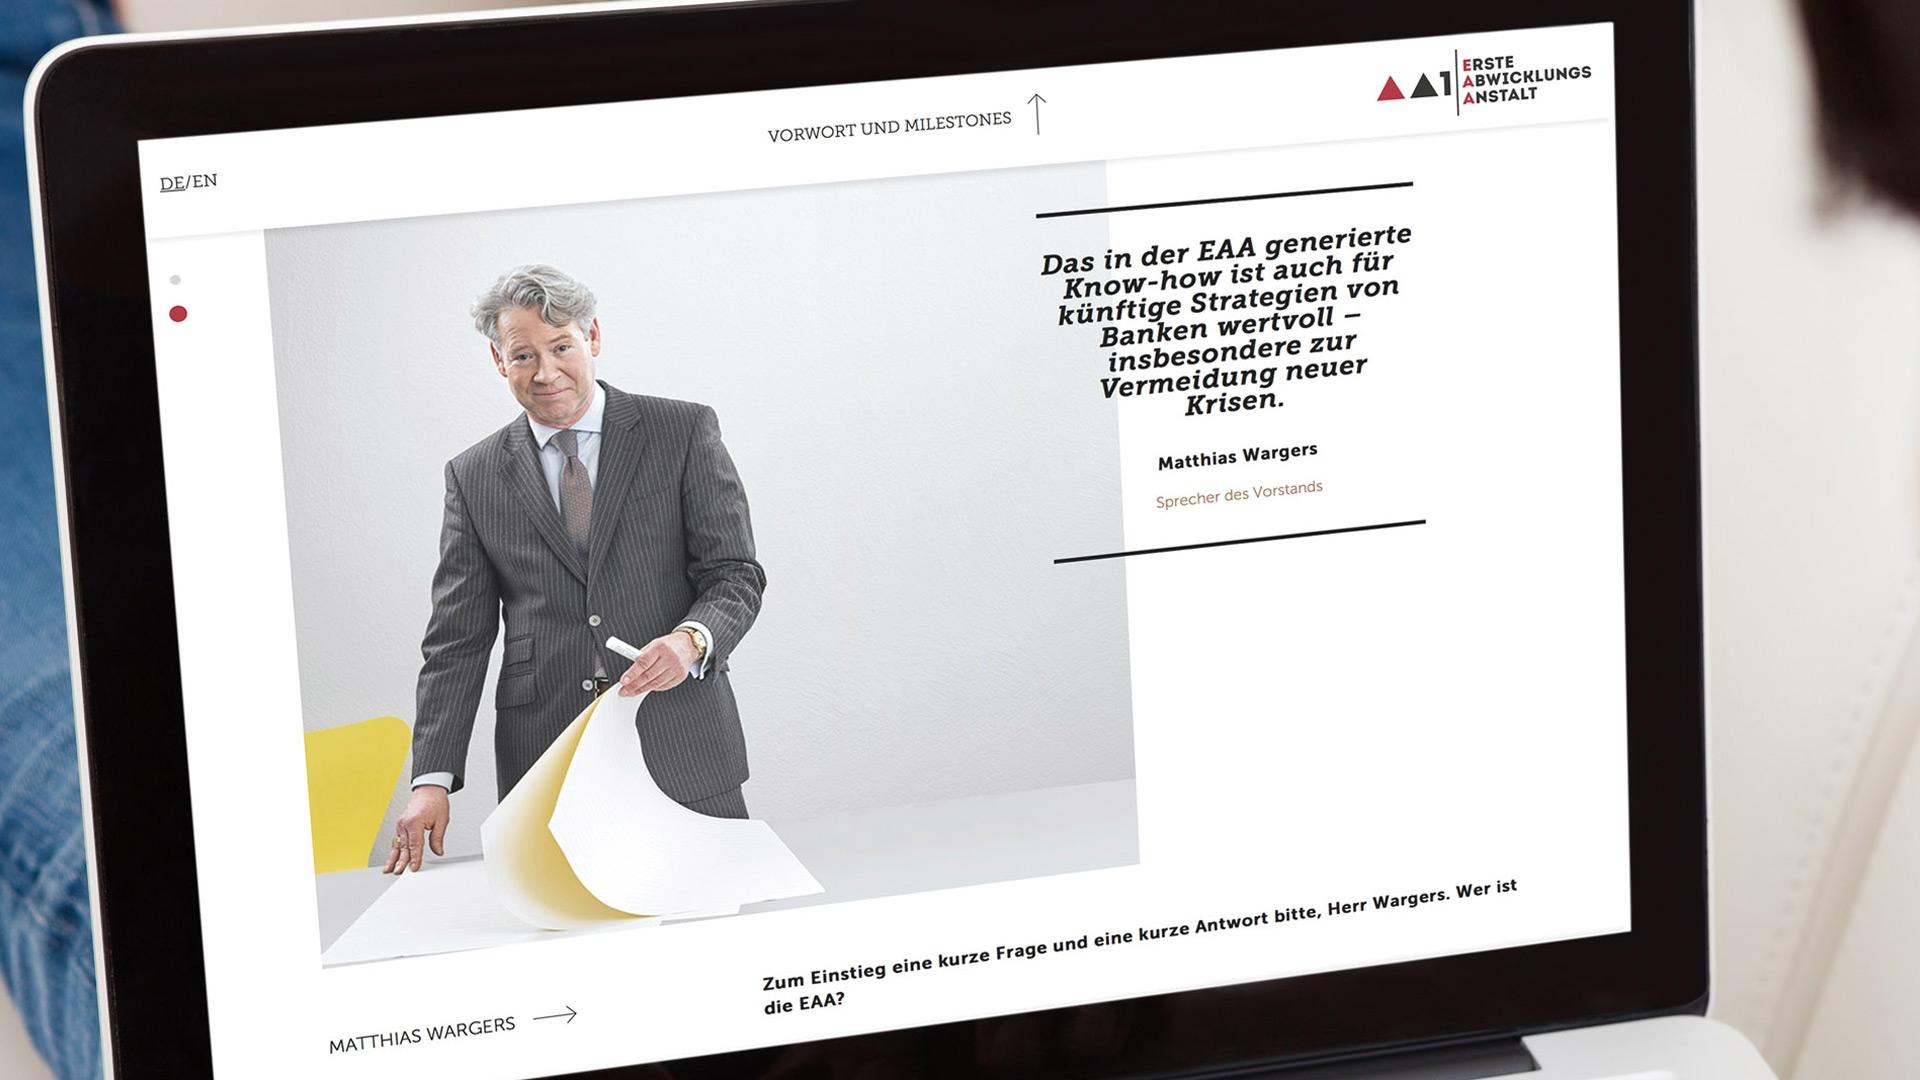 EAA Website Vorwort